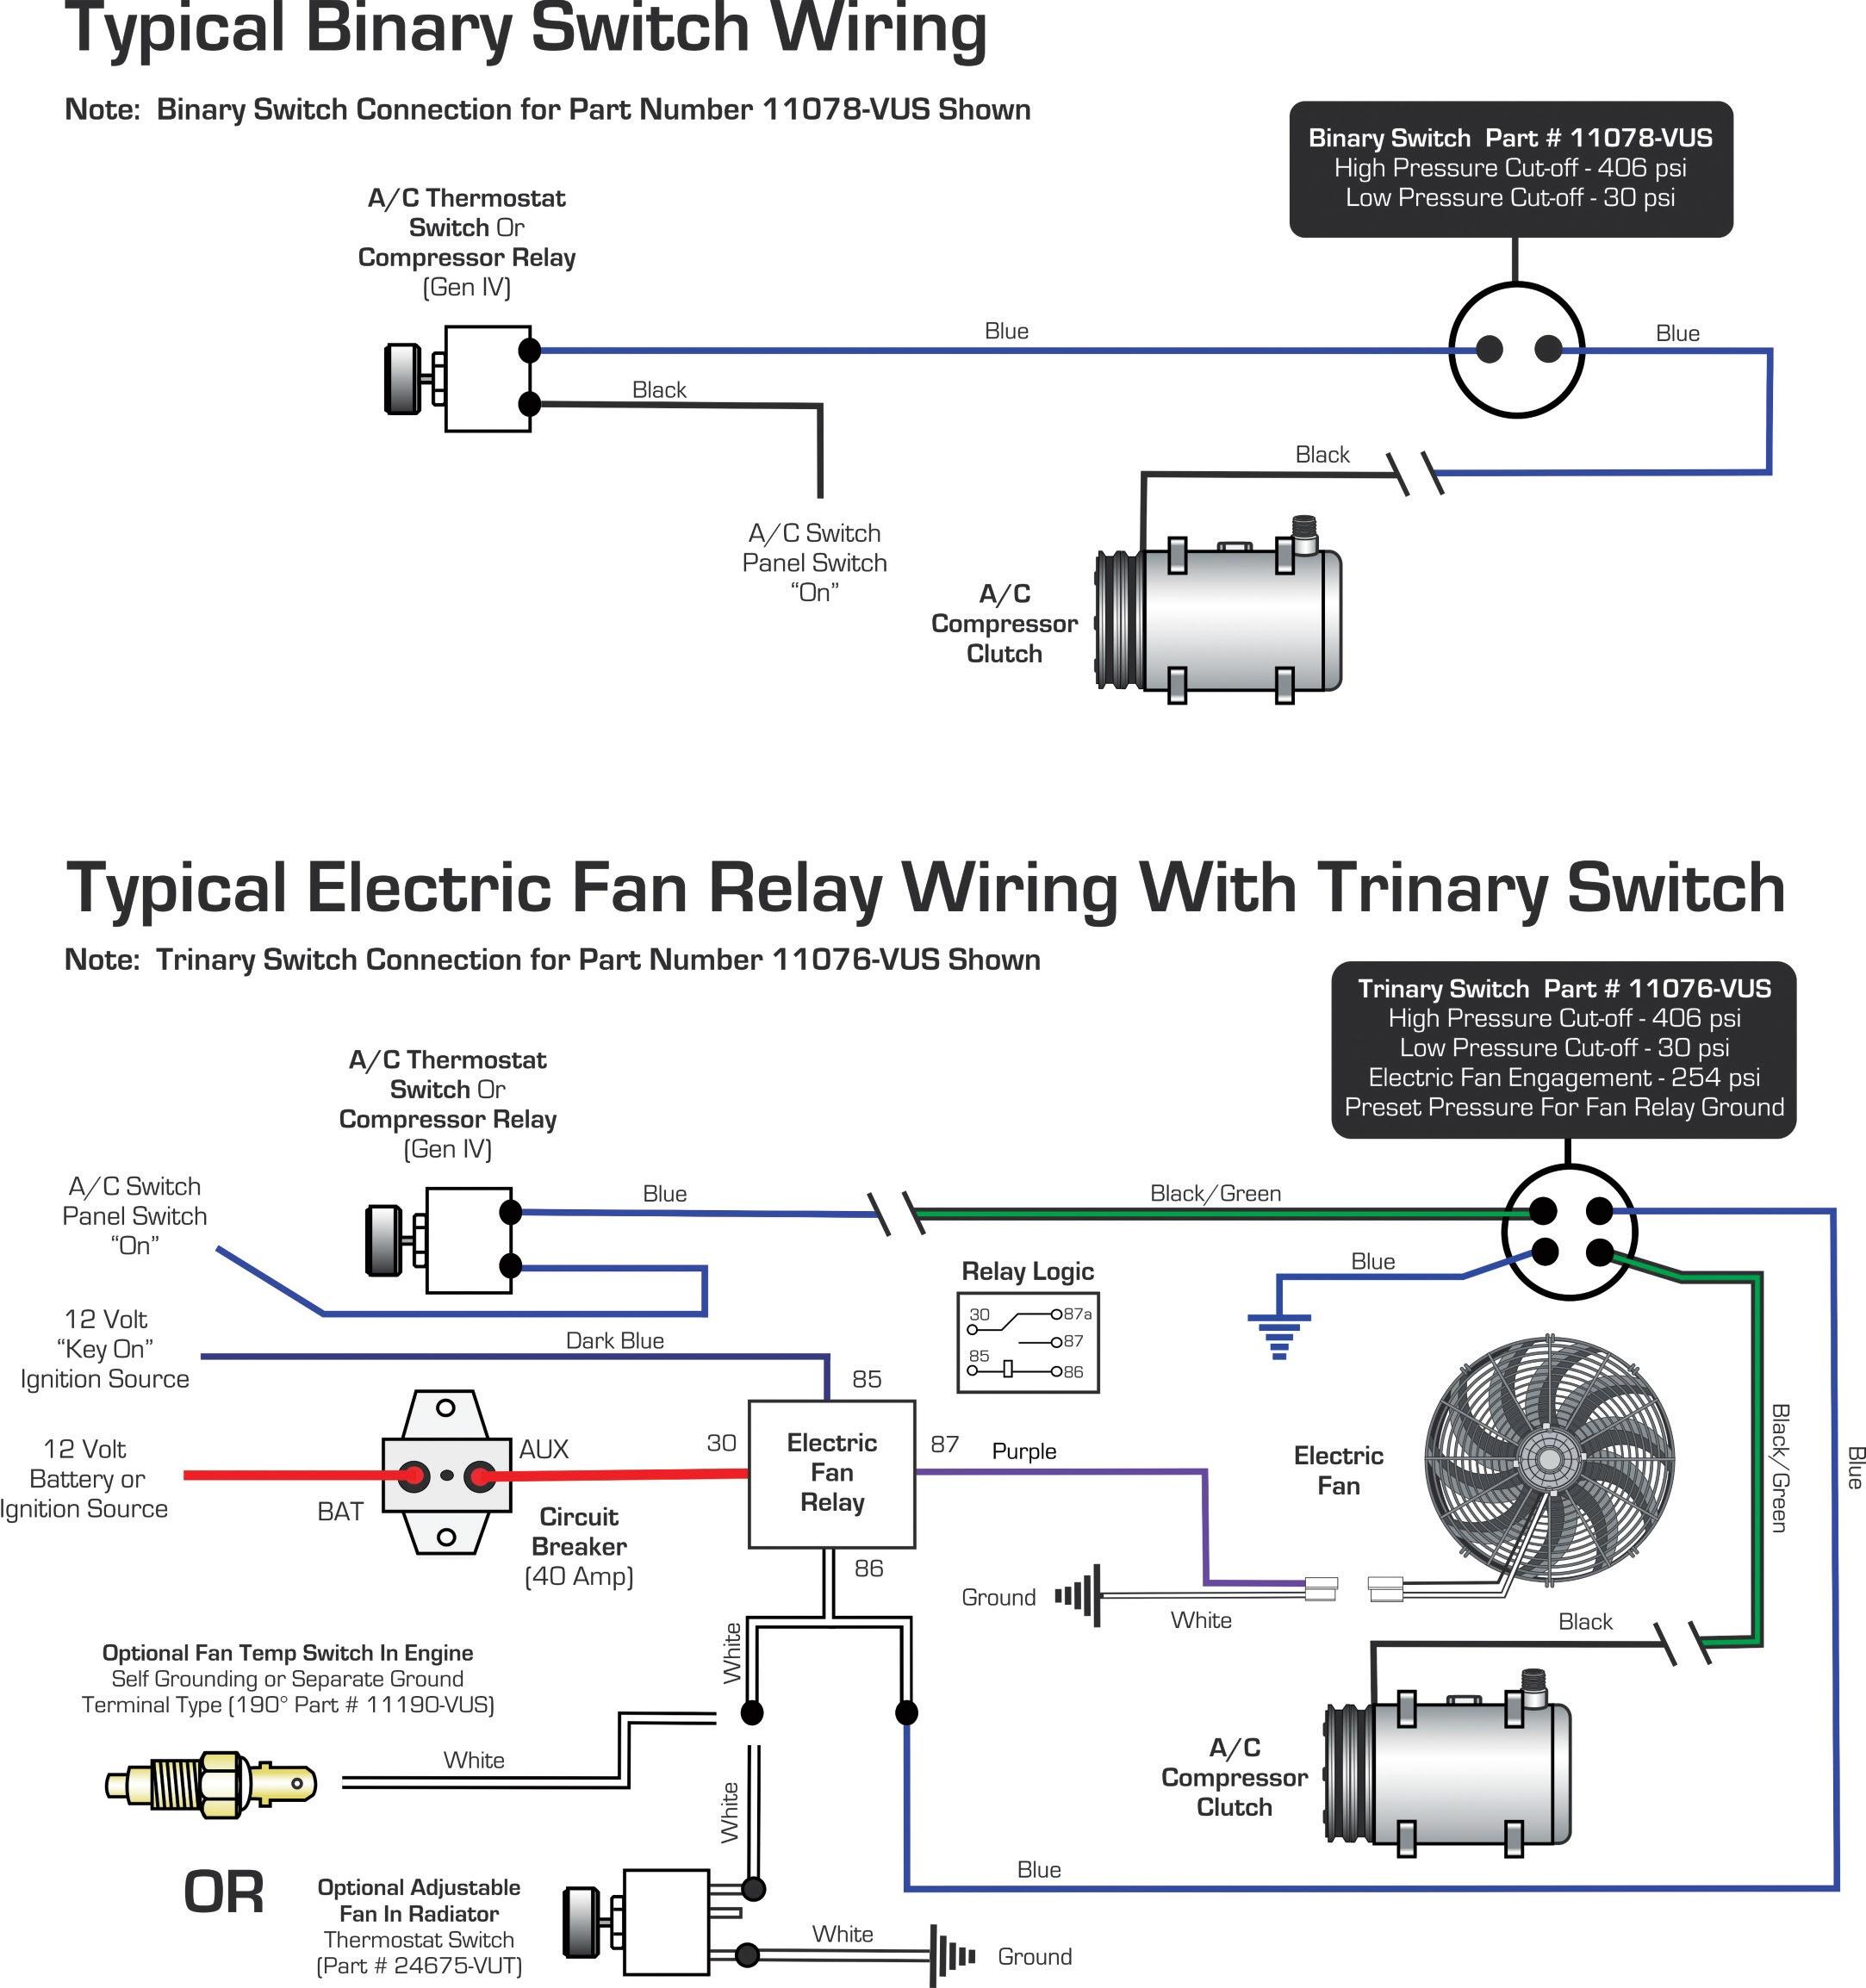 Vintage Air Blog Archive Wiring Diagrams Binary Switch Trinary Switch Vintage Air